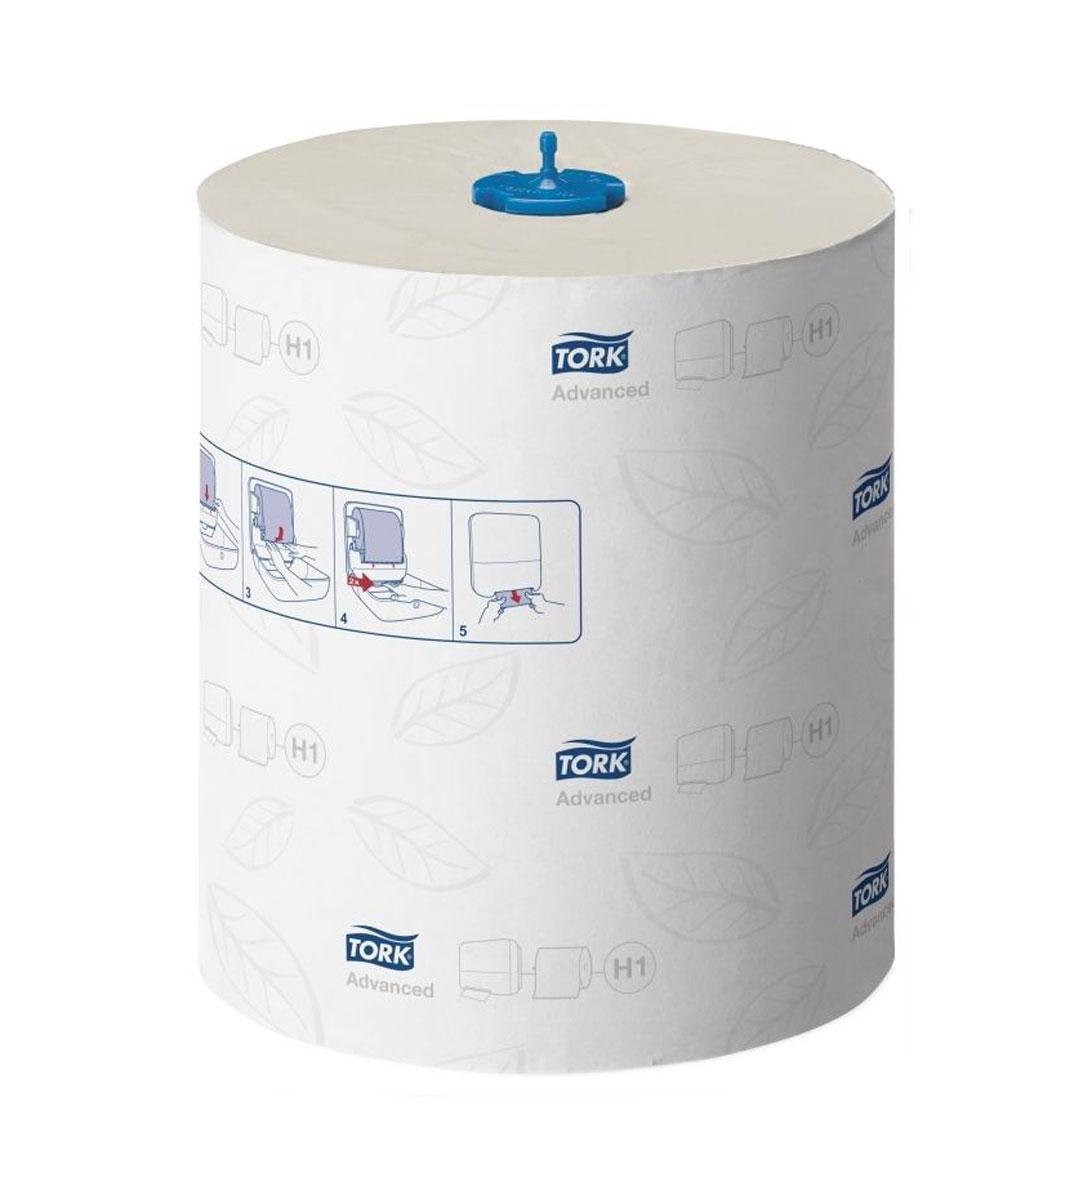 Tork Matic полотенца в рулонах 2-сл 150м, коробка 6 шт120067Целлюлоза